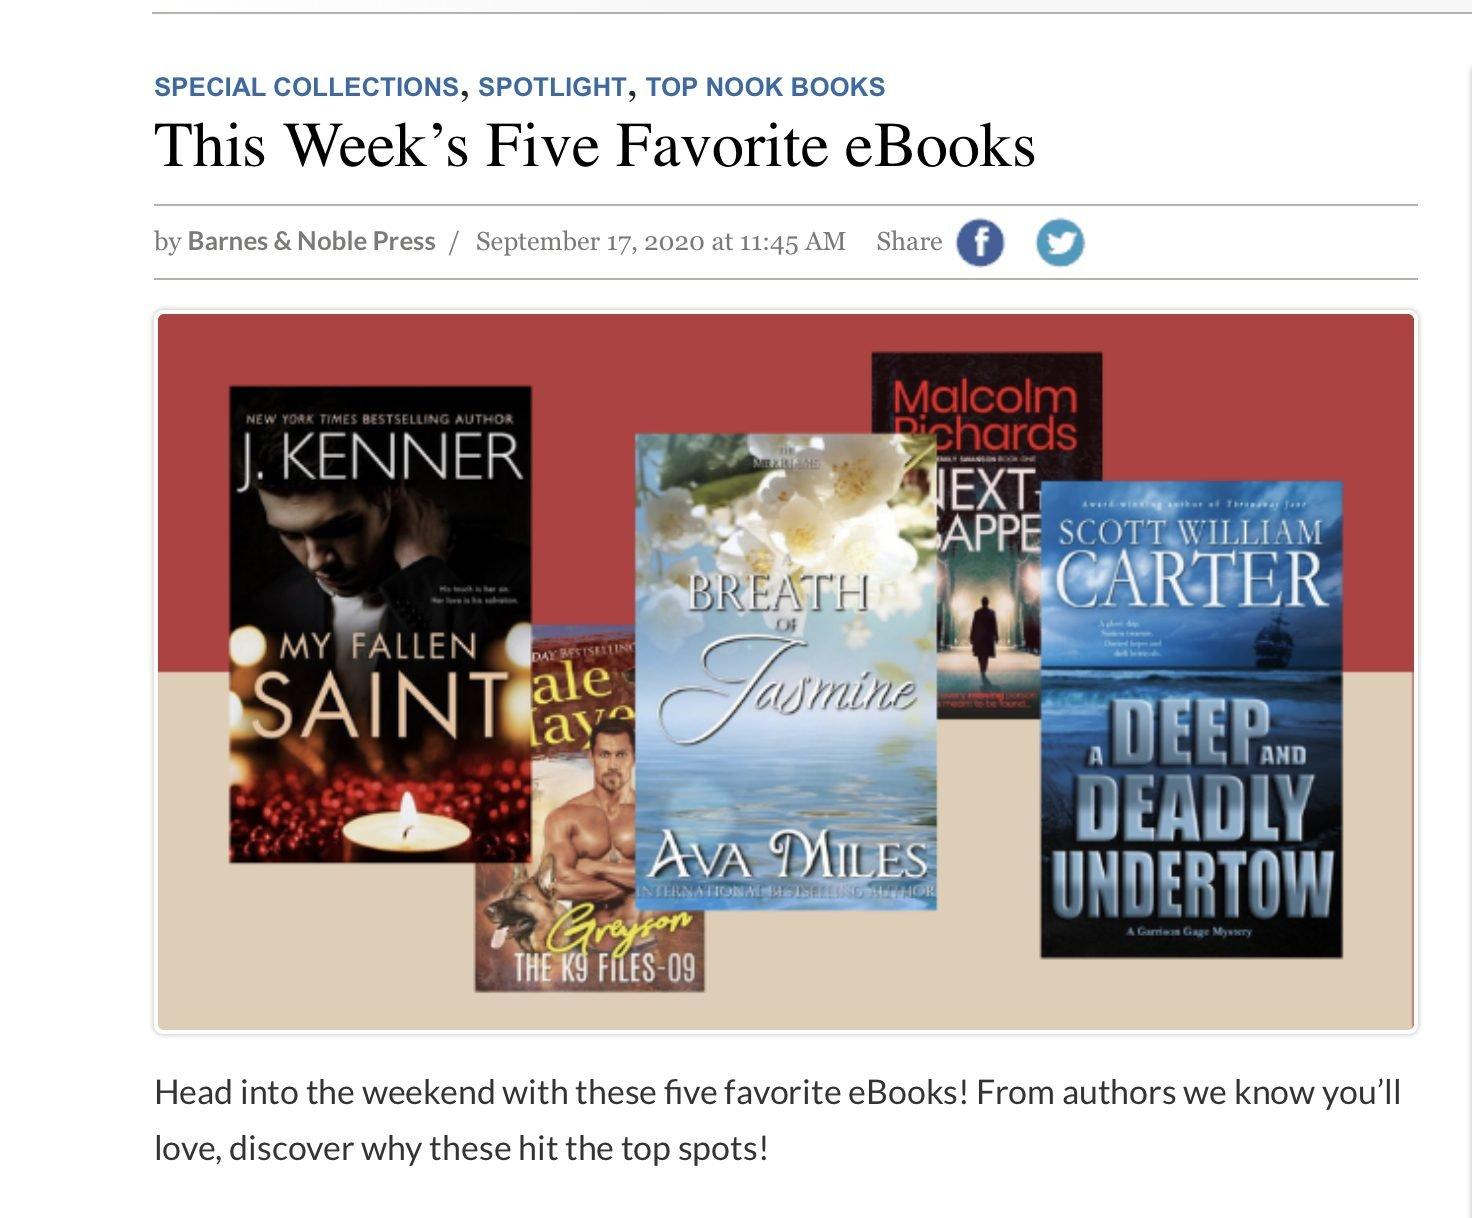 Barnes & Noble favorites of the week